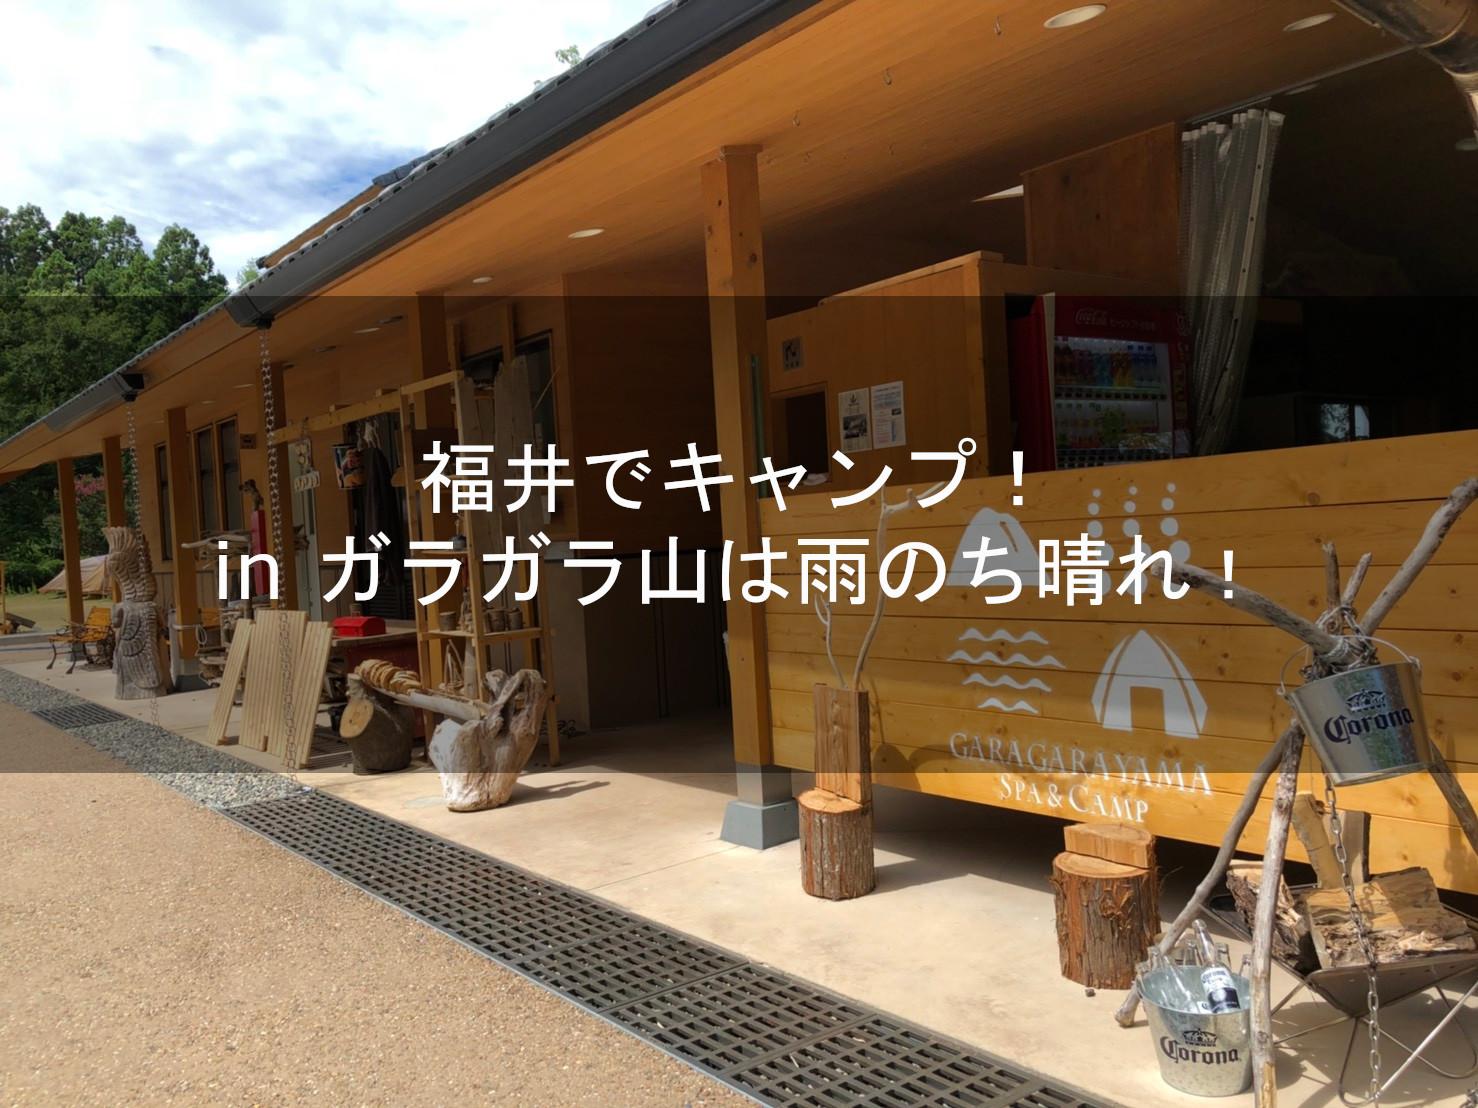 福井でキャンプ!in ガラガラ山は雨のち晴れ!